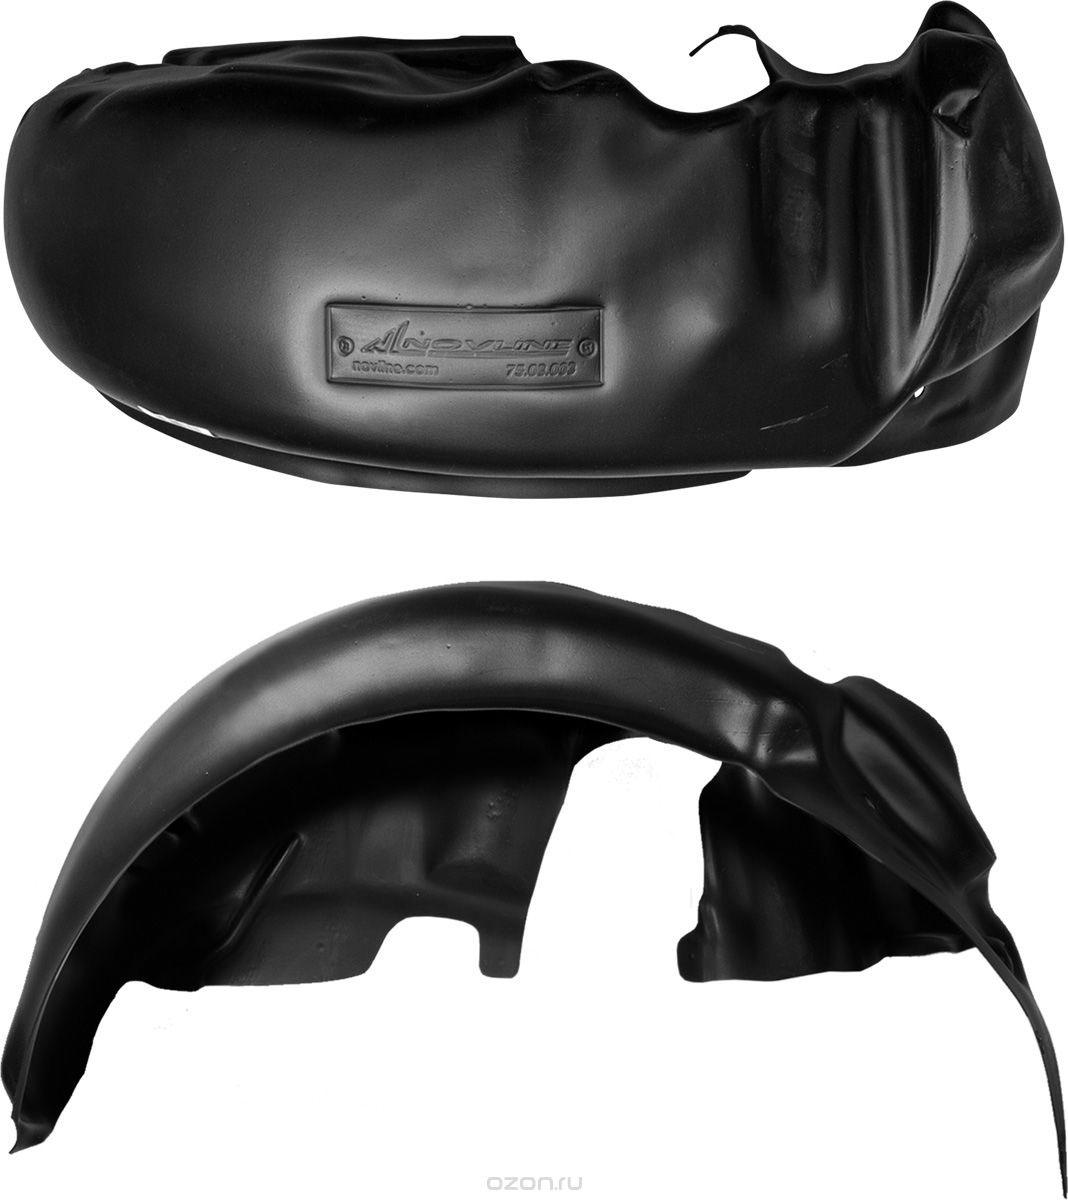 Подкрылок Novline-Autofamily, для НИВА 04/1997->, б/б, передний левый002401Идеальная защита колесной ниши. Локеры разработаны с применением цифровых технологий, гарантируют максимальную повторяемость поверхности арки. Изделия устанавливаются без нарушения лакокрасочного покрытия автомобиля, каждый подкрылок комплектуется крепежом. Уважаемые клиенты, обращаем ваше внимание, что фотографии на подкрылки универсальные и не отражают реальную форму изделия. При этом само изделие идет точно под размер указанного автомобиля.